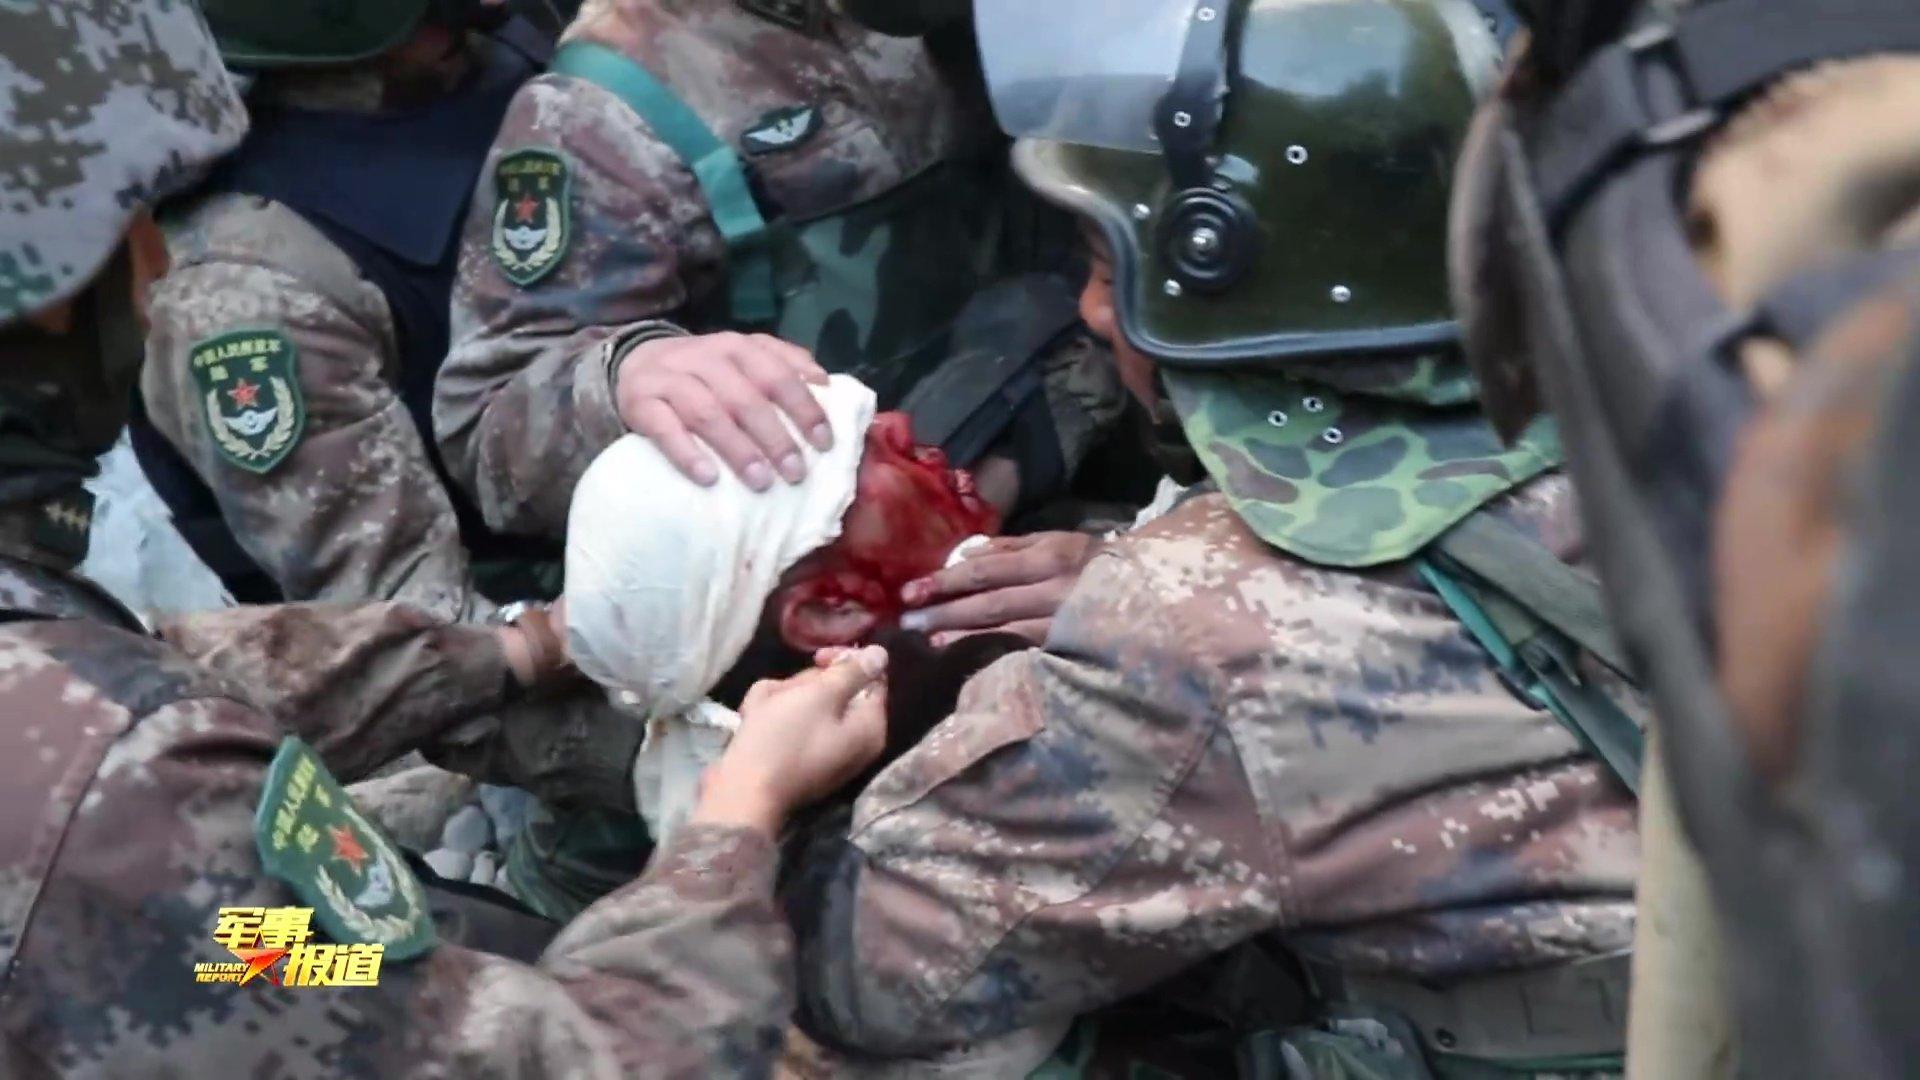 ▲在喀喇昆仑战斗中,四位解放军官兵壮烈捐躯,团长身负重伤。图据央视军事